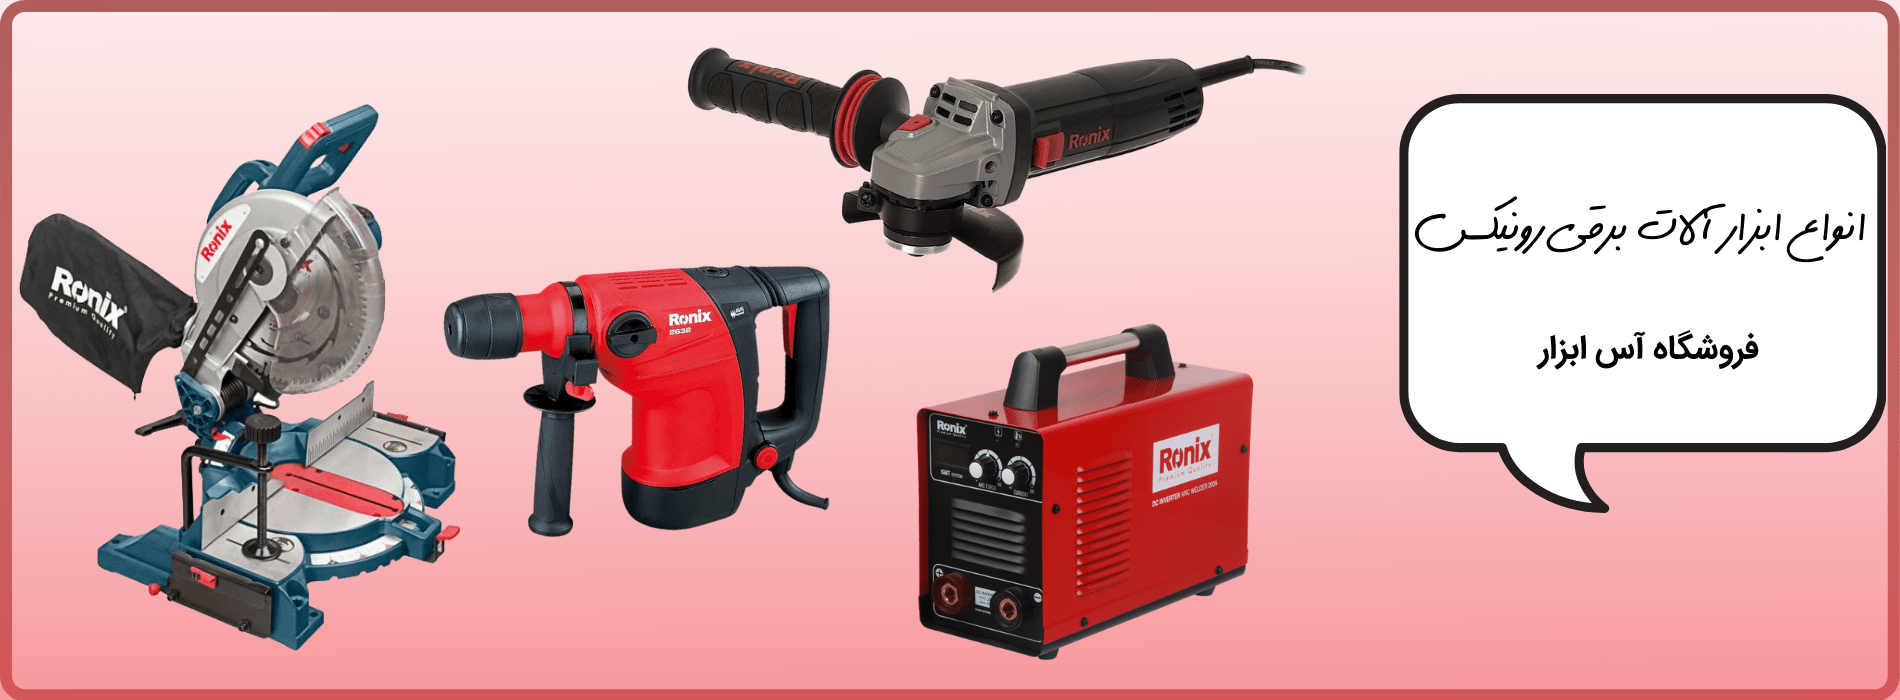 ابزار آلات برقی رونیکس | فروشگاه آس ابزار